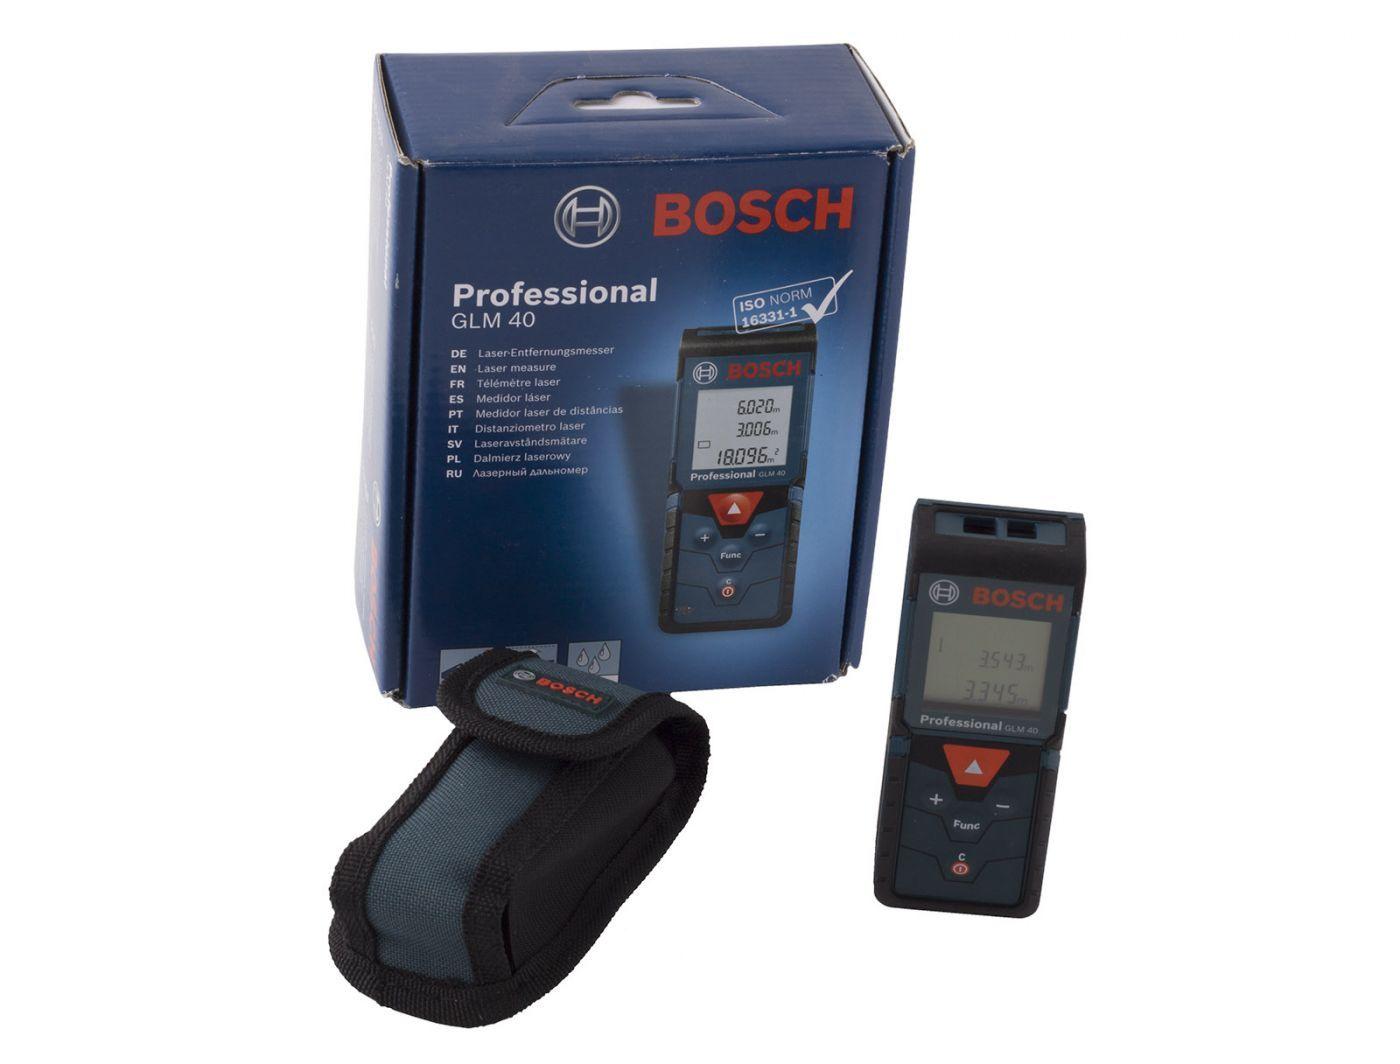 Laser Entfernungsmesser Bosch Glm 250 Vf : Bosch laser entfernungsmesser glm bedienungsanleitung: 50